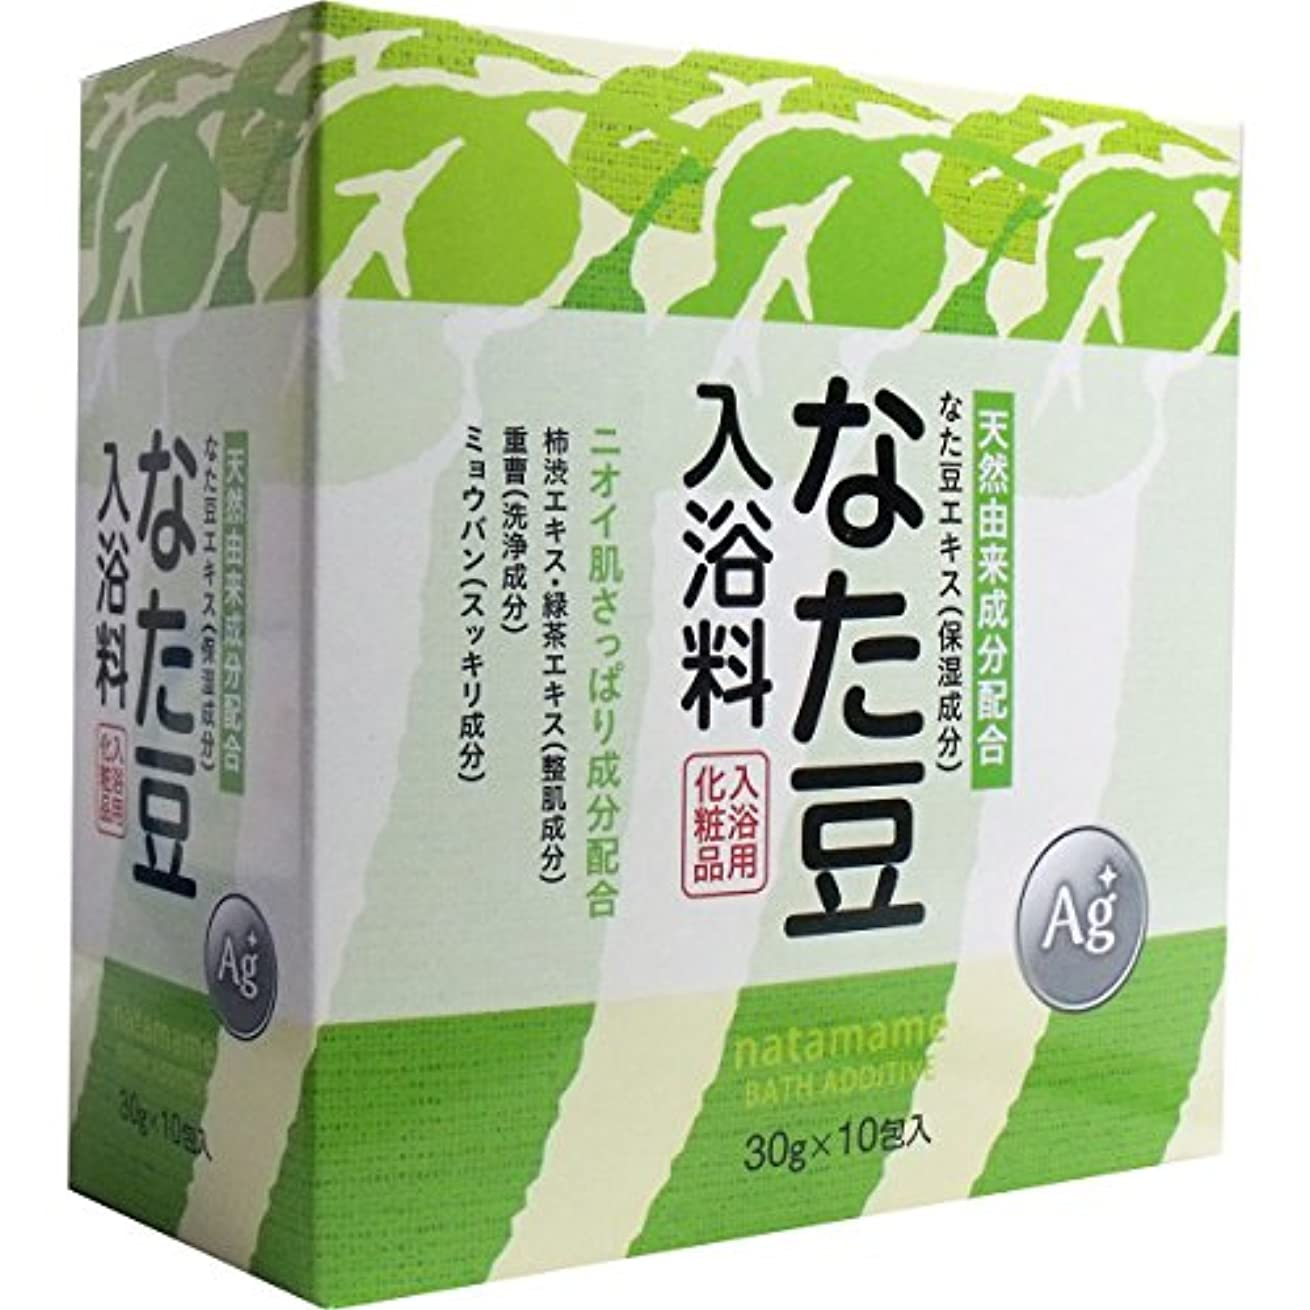 未接続行進定義なた豆入浴料 入浴用化粧品 30g×10包入×7